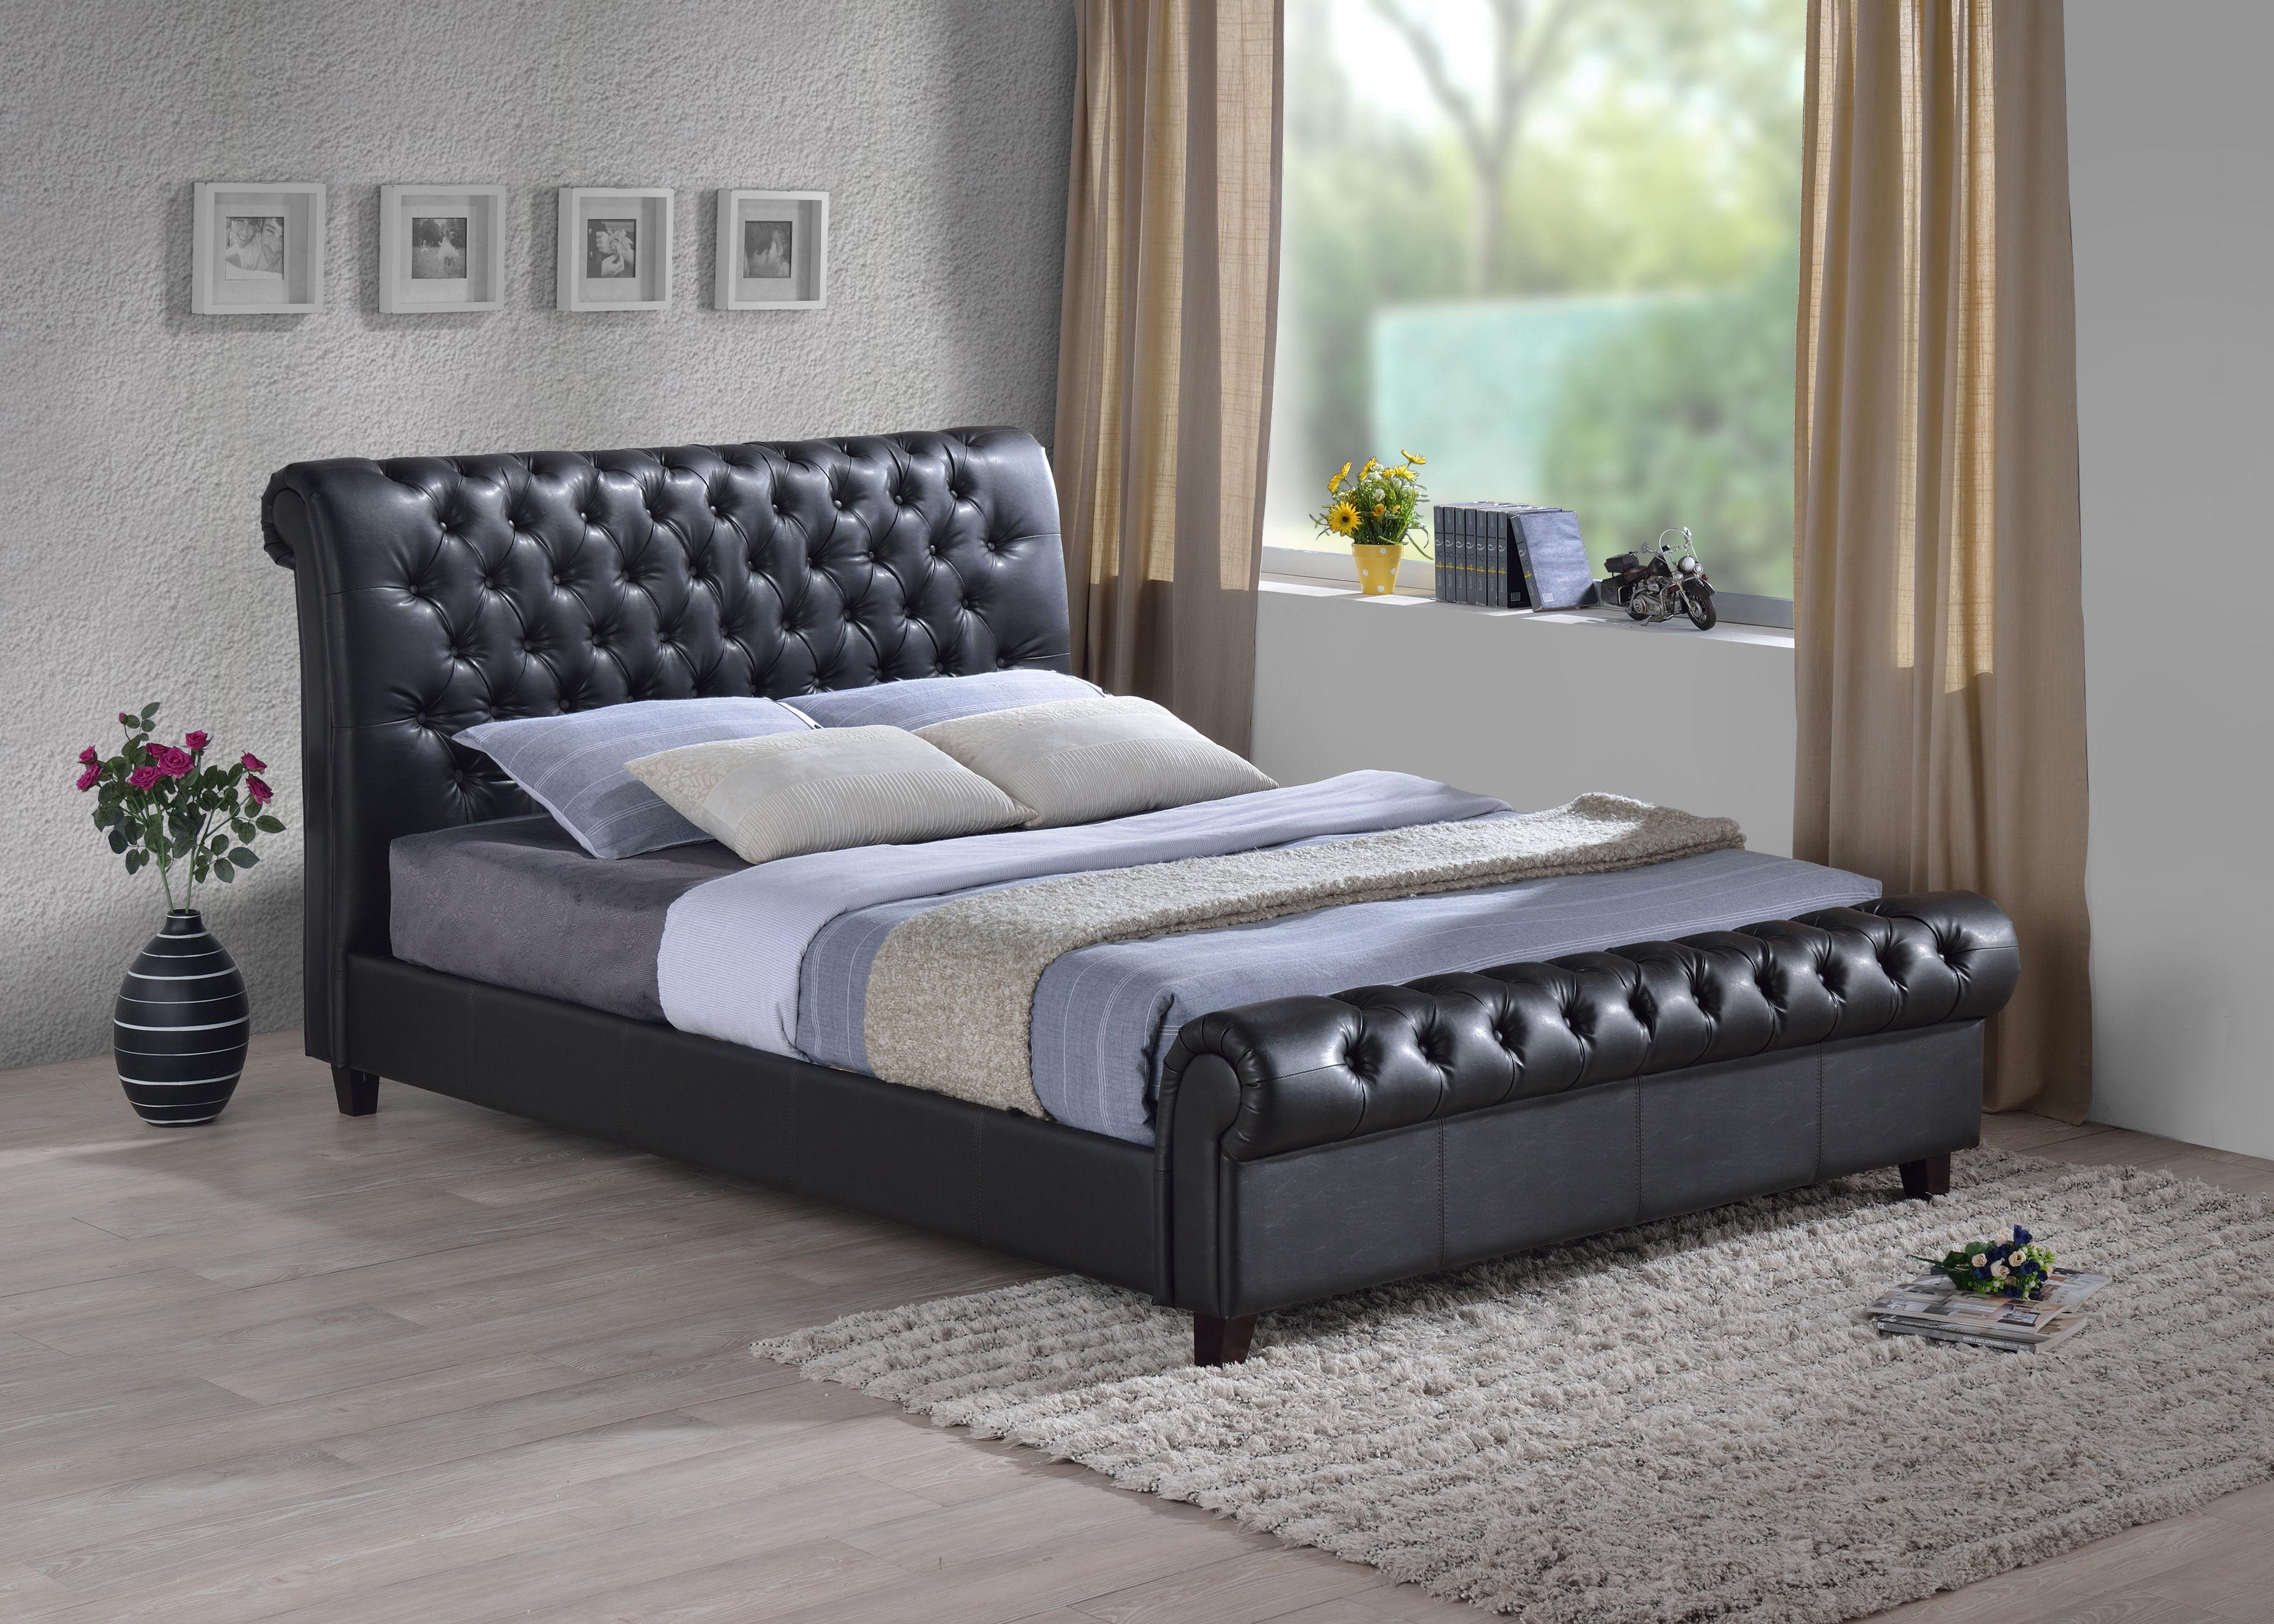 Furniturekraze Ltd Richmond Chesterfield Style Brown Bed